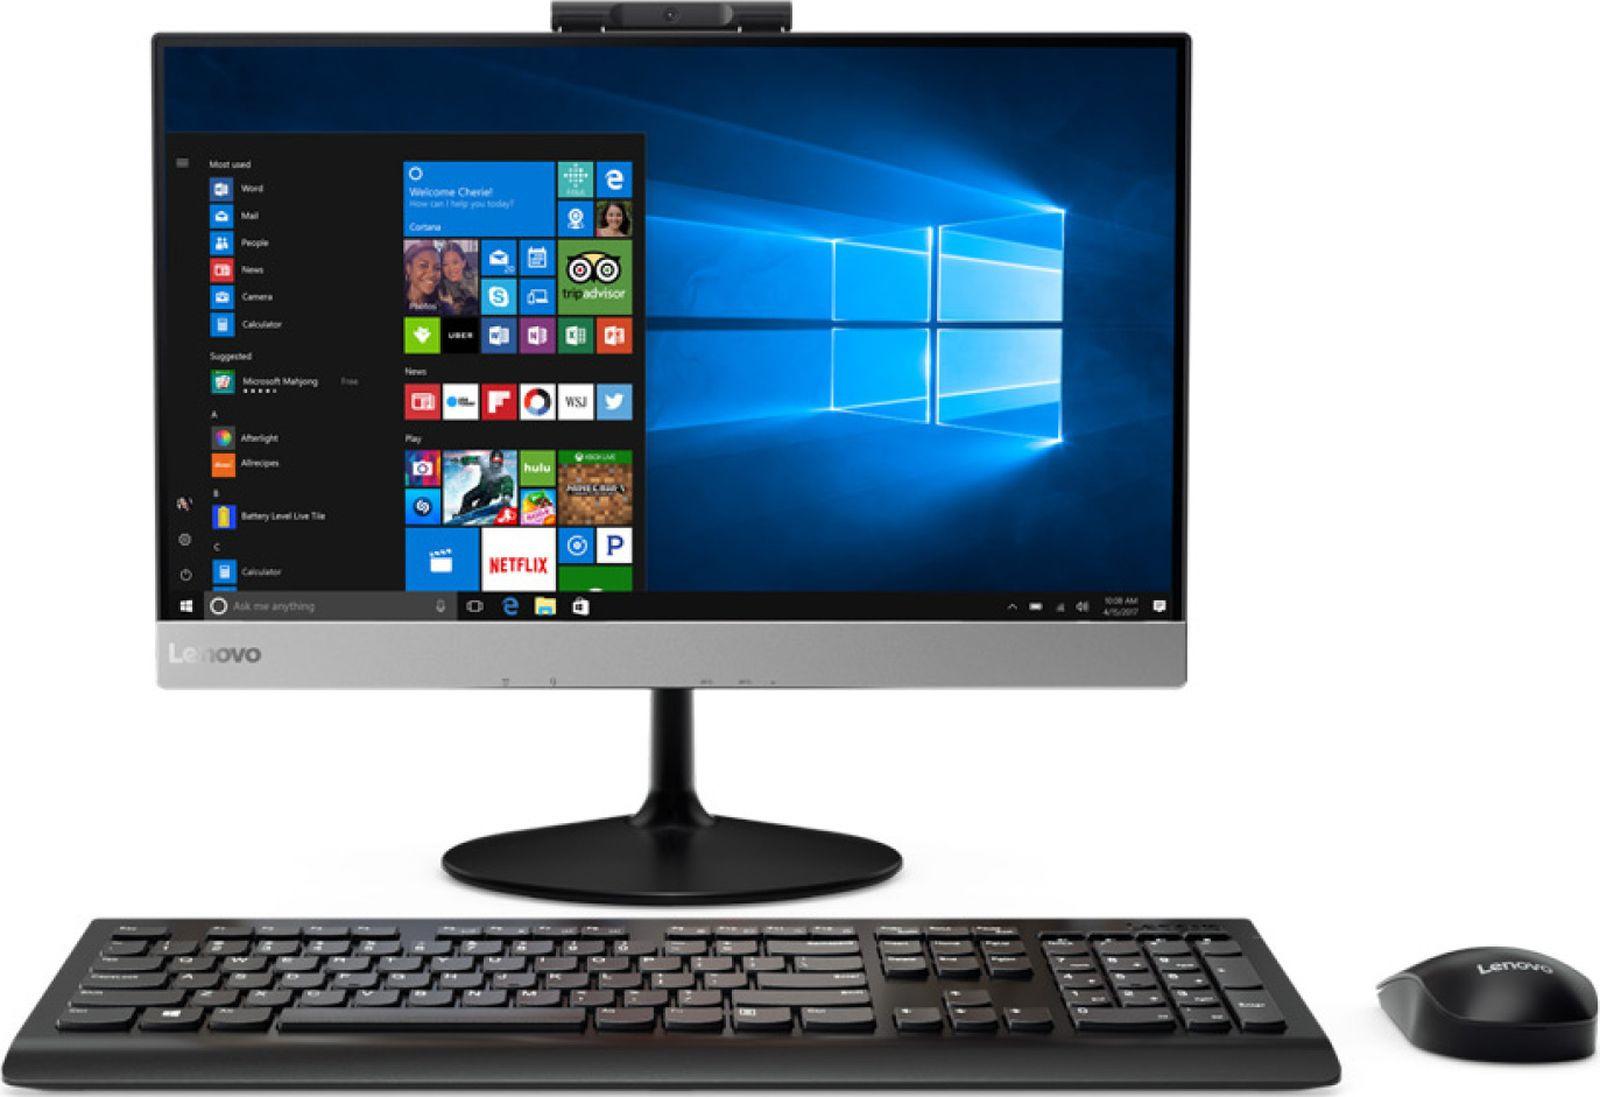 Моноблок Lenovo V410z, 10QV000CRU, 21.5, черный моноблок lenovo v410z 21 5 full hd i3 7100t 3 4 4gb 500gb 7 2k hdg630 dvdrw cr noos gbiteth wifi bt клавиатура мышь cam белый 1920x1080